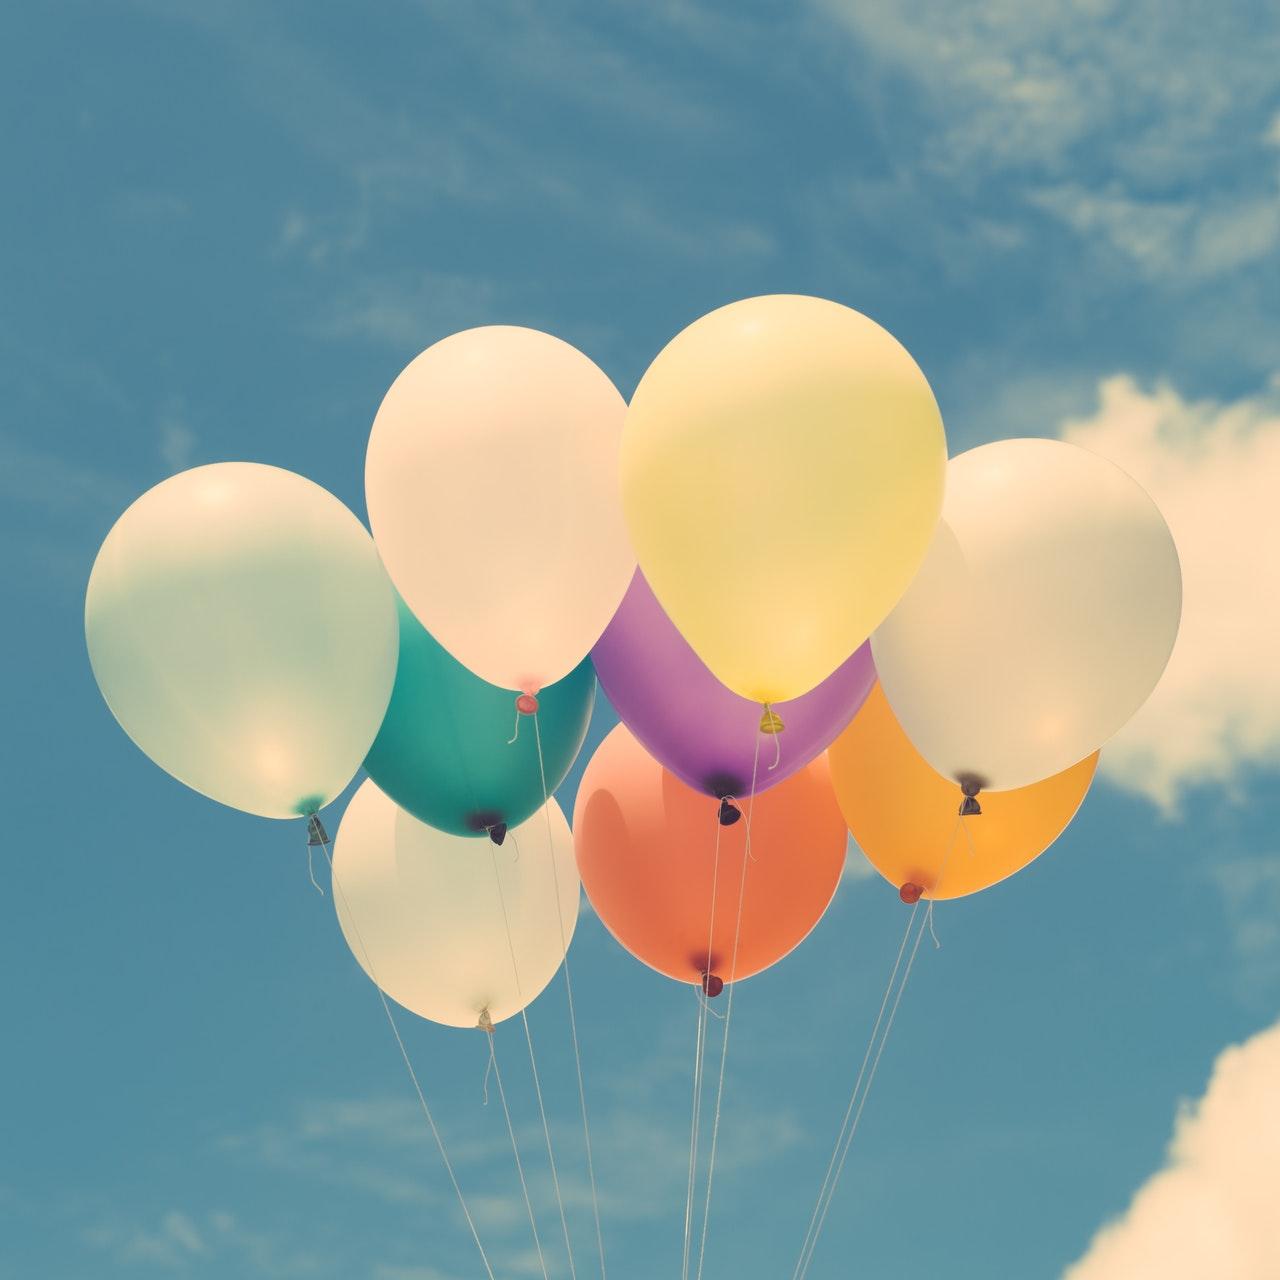 Skab sjov og glæde med en ballonmand